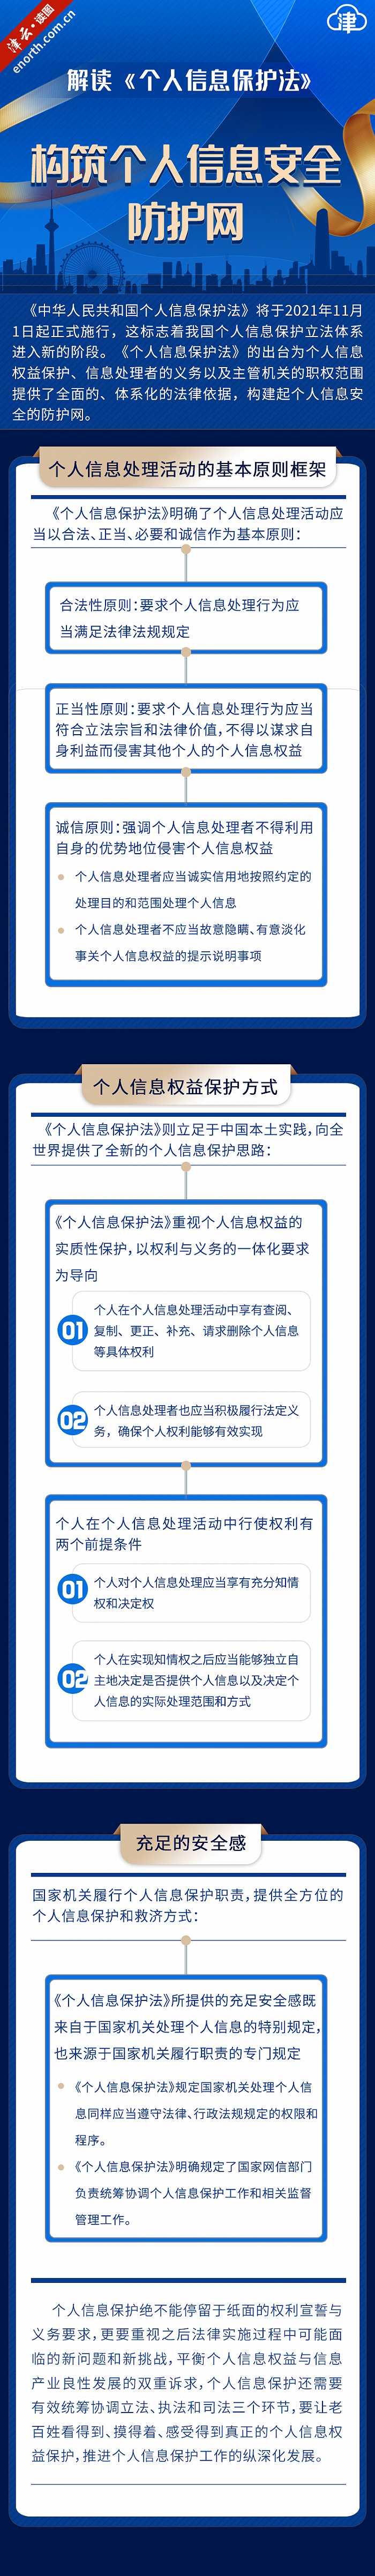 华信娱乐代理构筑个人信息安全防护网 解读《个人信息保护法》